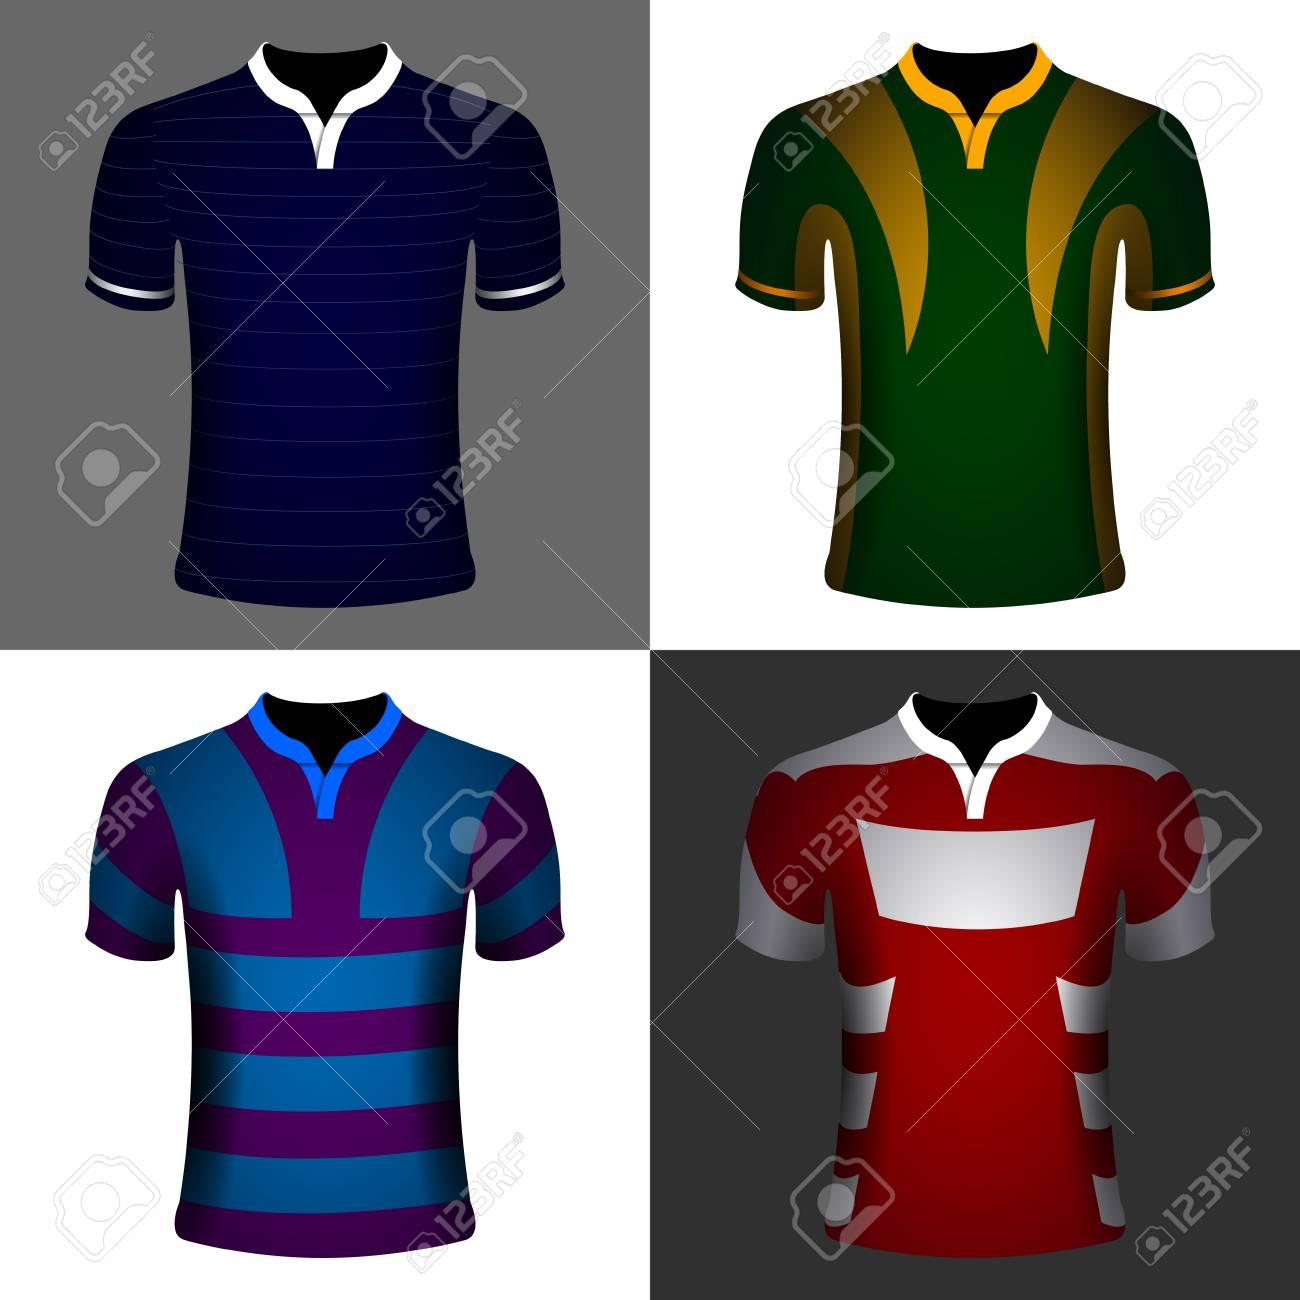 Conjunto De Camisetas Deportivas En Fondos De Colores 40ac4d34b03